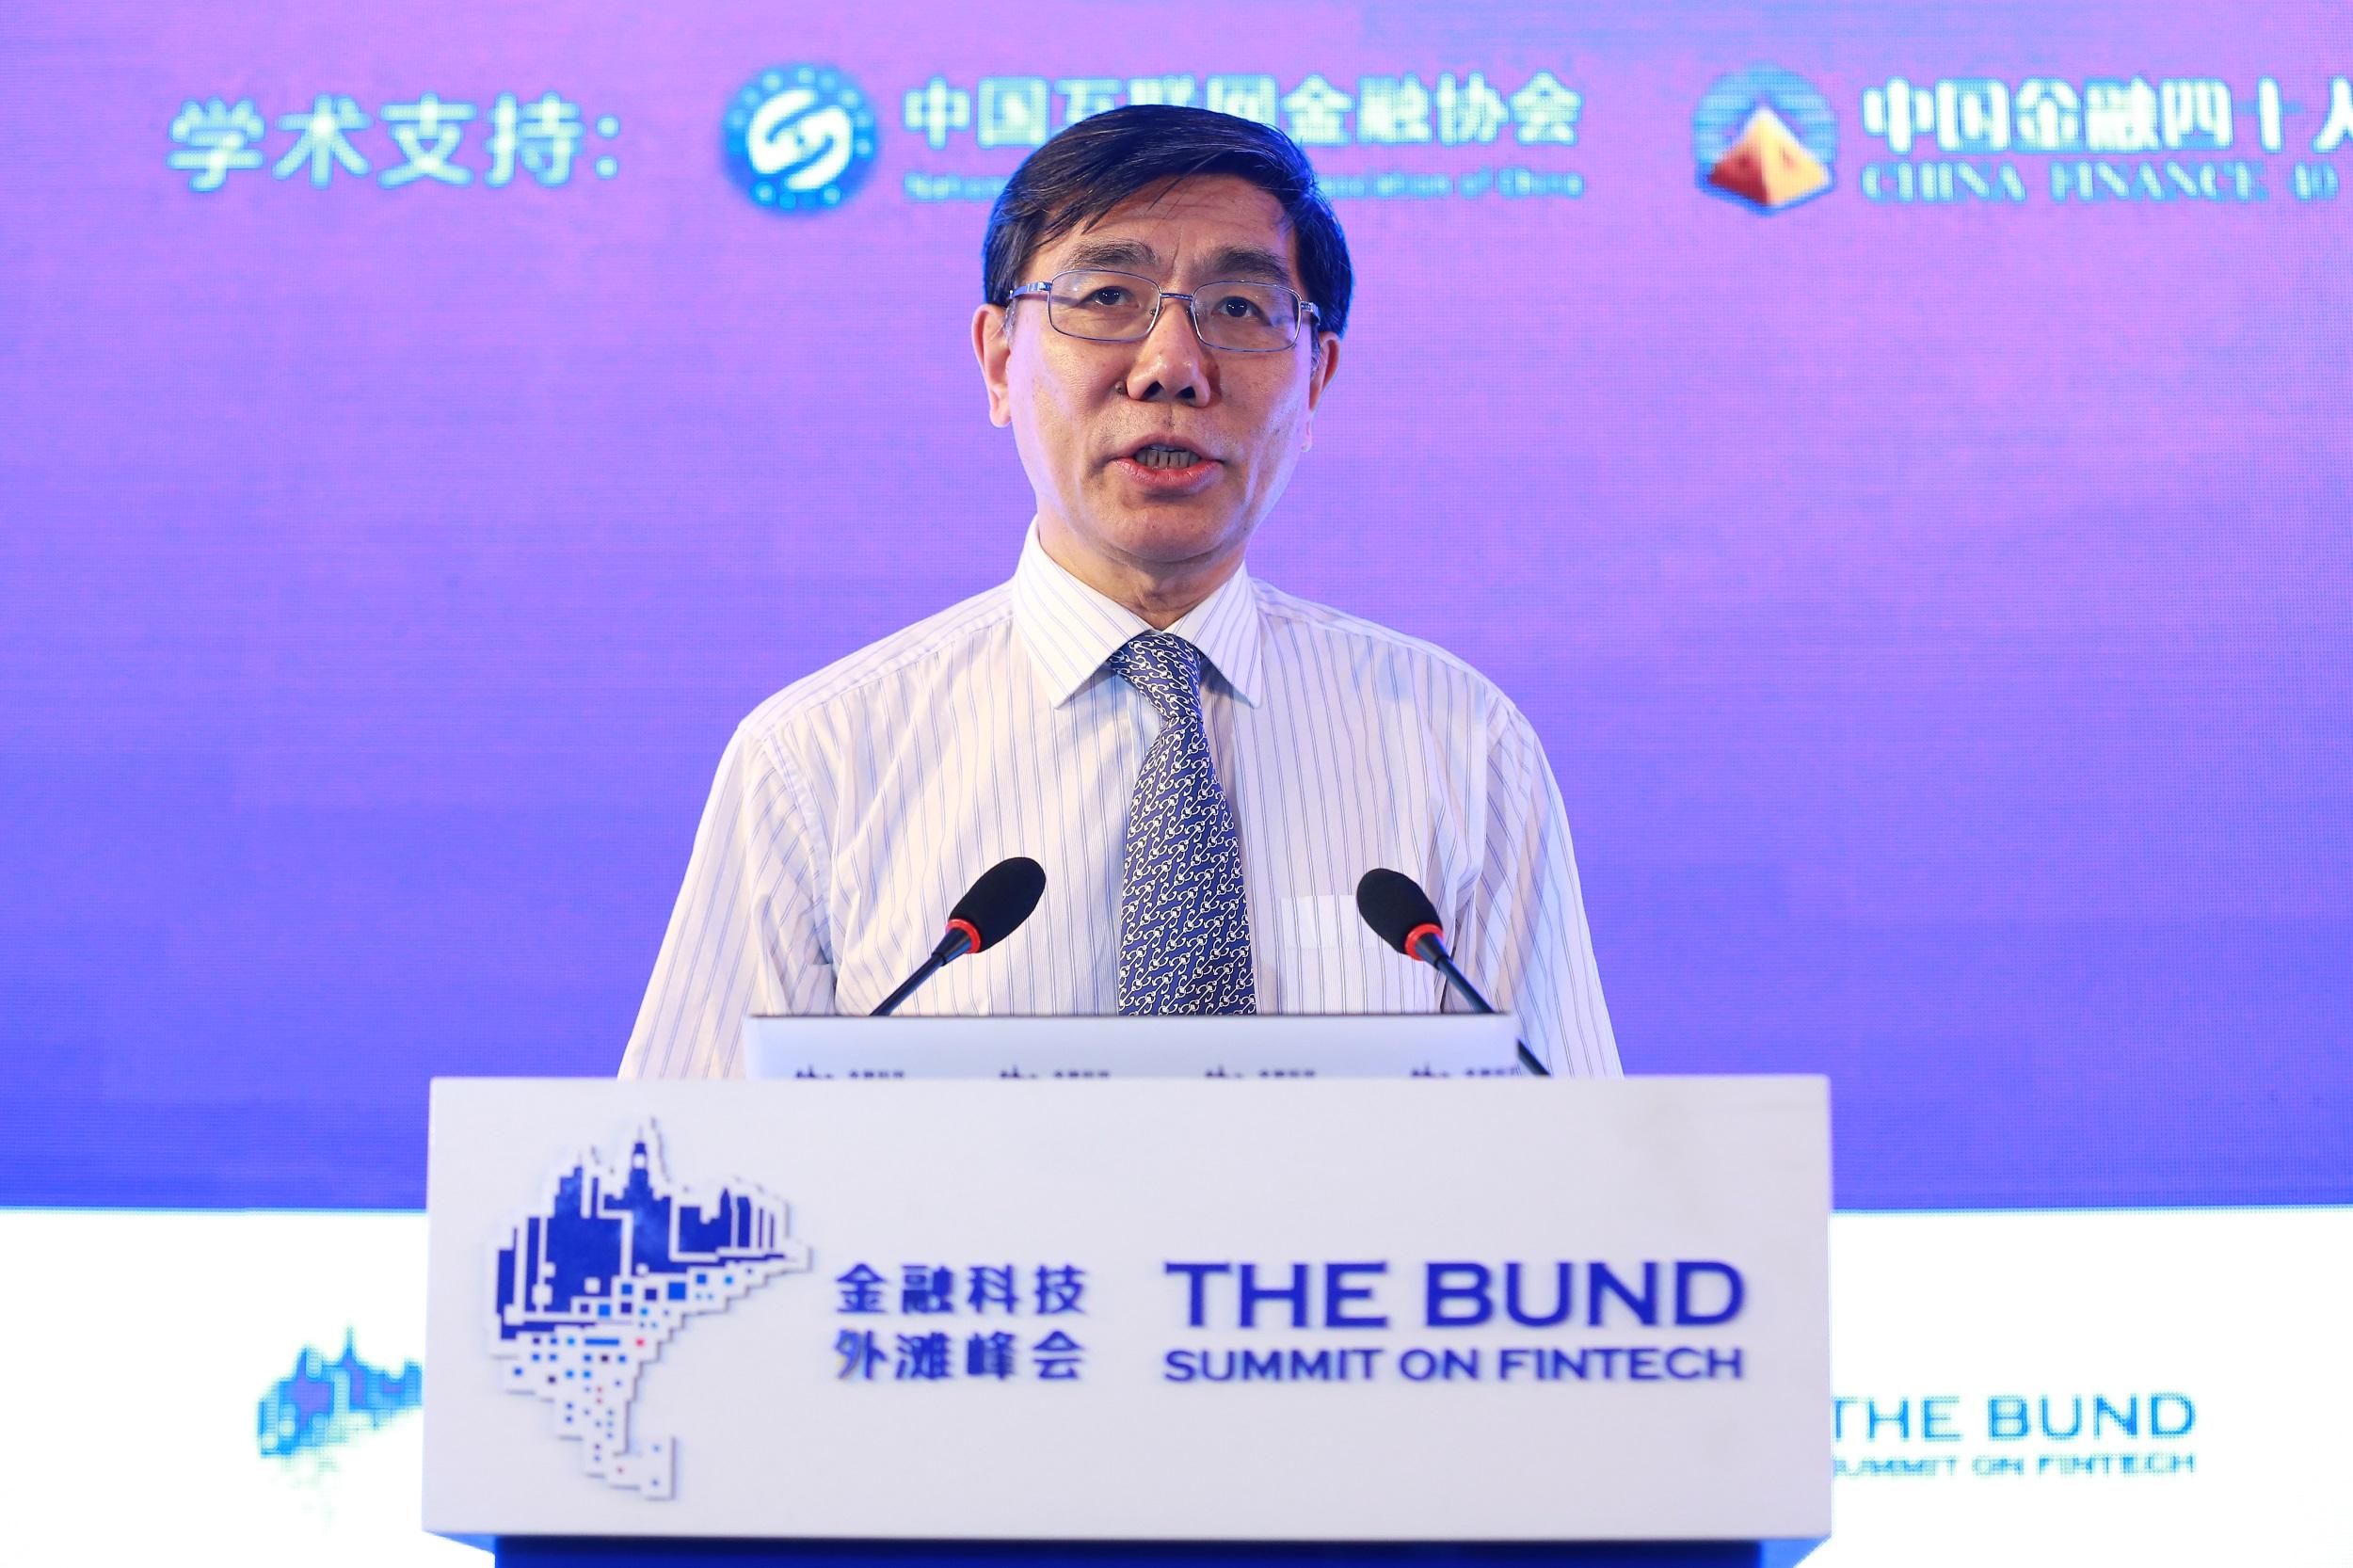 金融科技外滩峰会